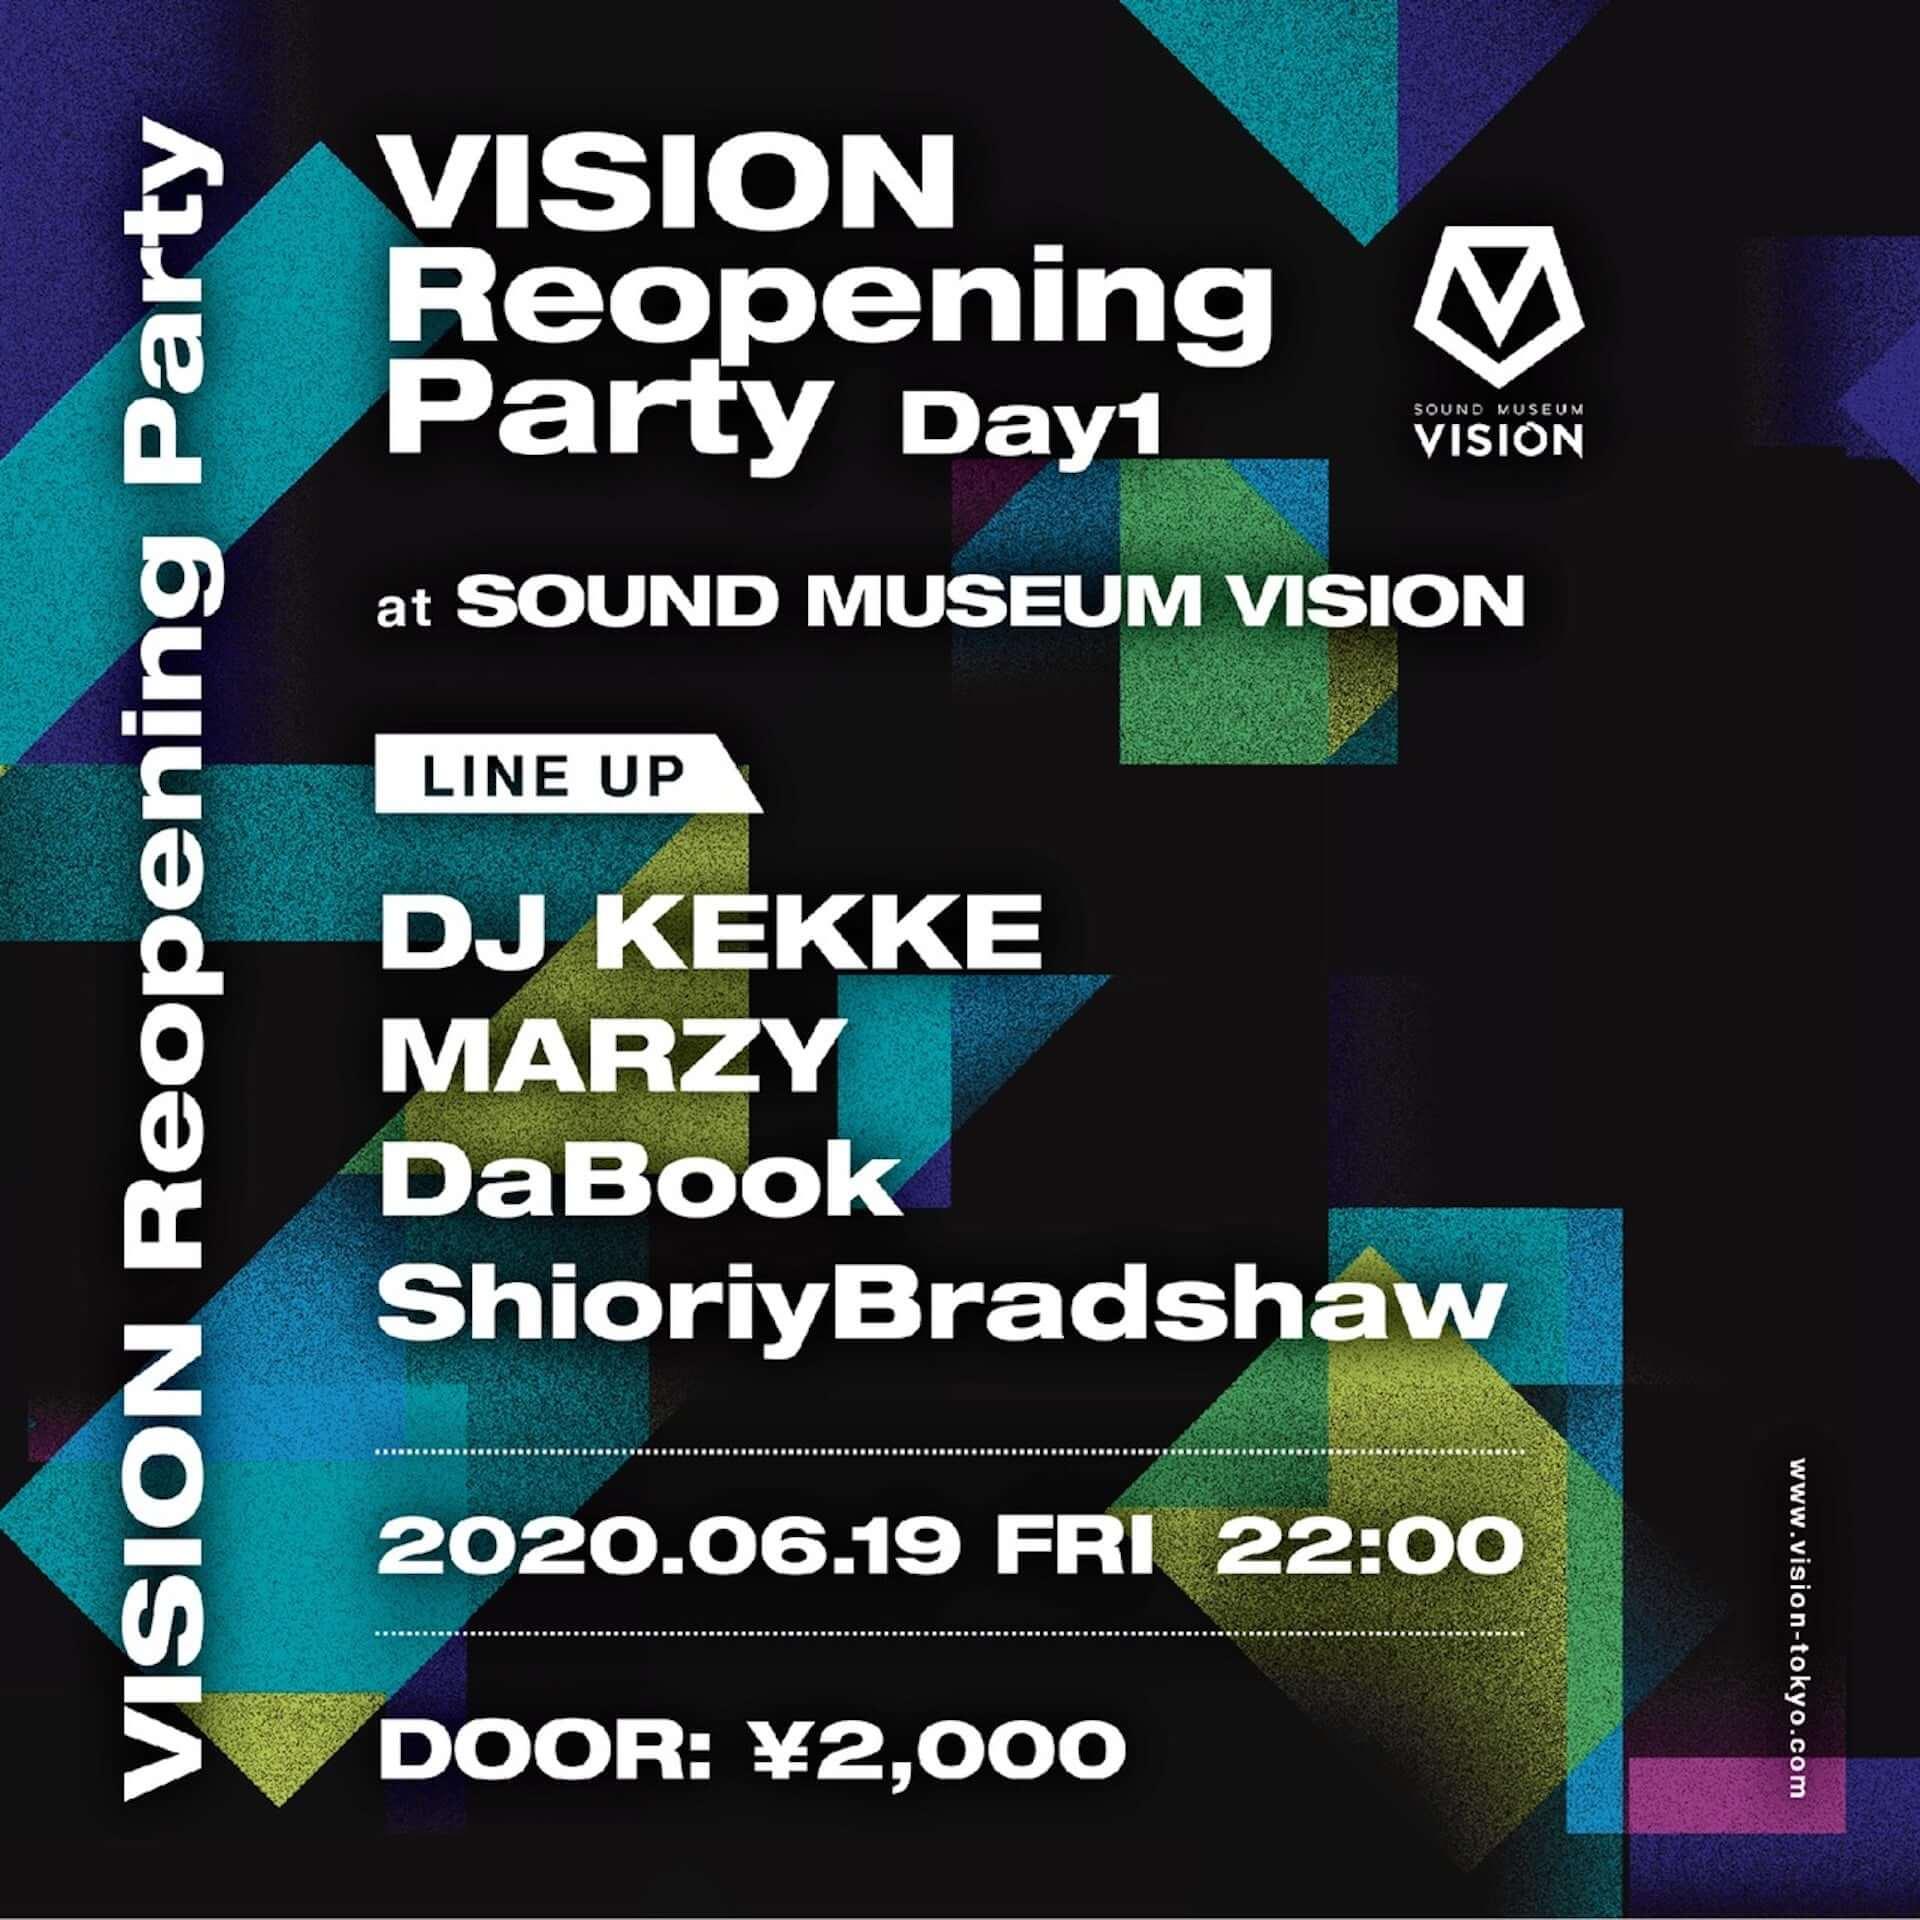 渋谷・VISIONが本日営業再開|オープニングパーティーにMARZY、DaBook、ShioriyBradshawら豪華ラインナップ music200619_vision_4-1920x1920